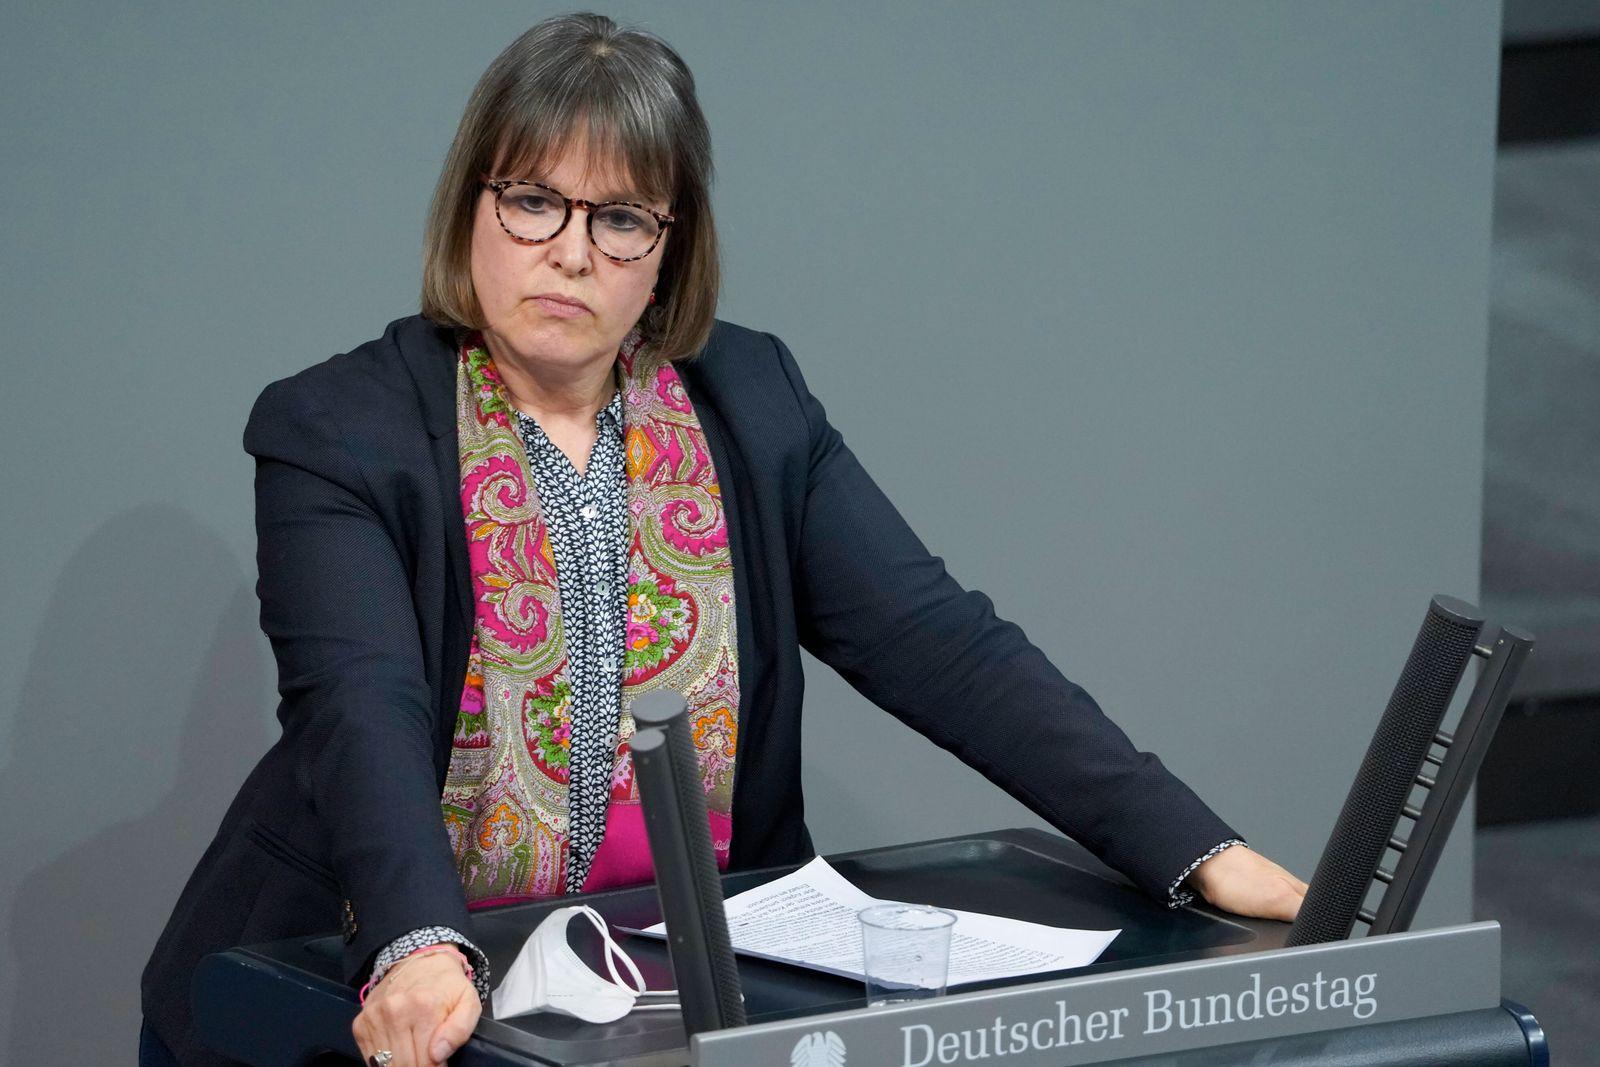 215. Bundestagssitzung und Debatte in Berlin Aktuell, 04.03.2021, Berlin, Heike Haensel im Portrait bei ihrer Rede zum T